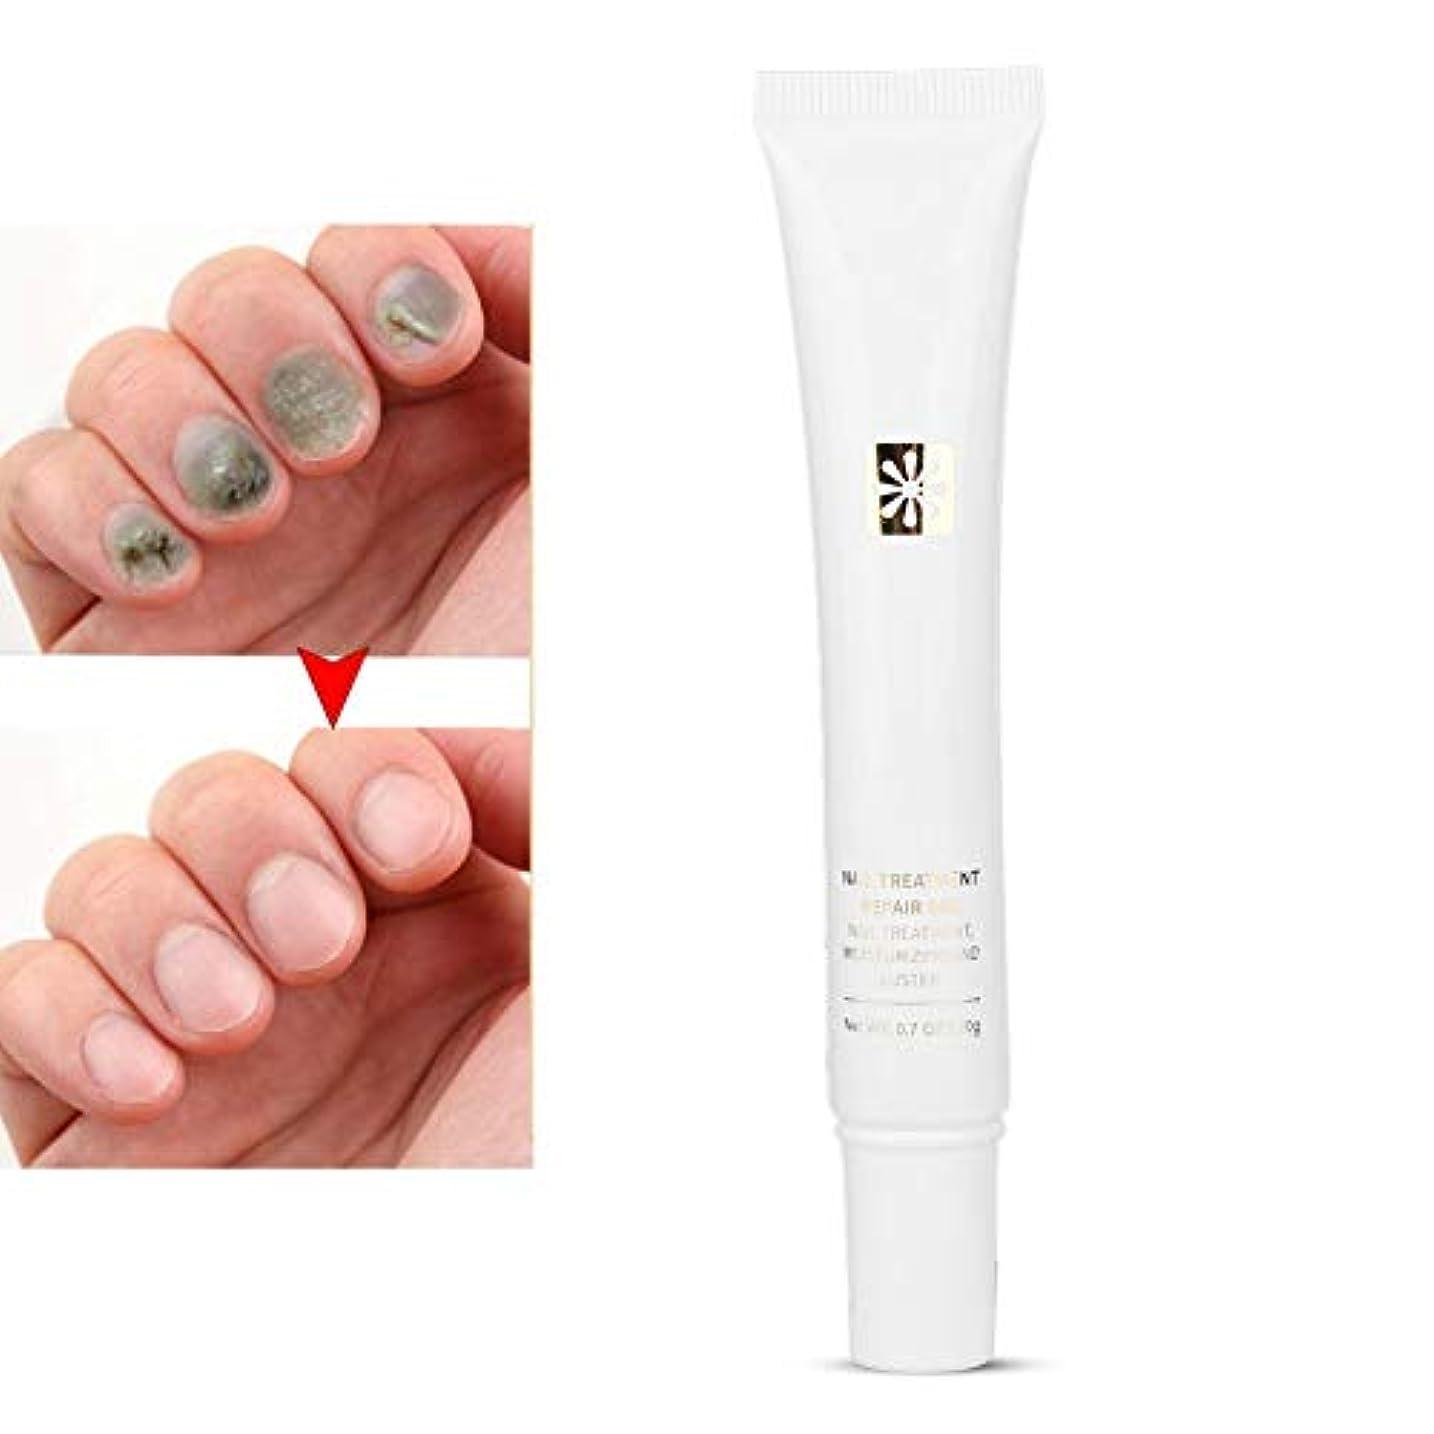 アスリート捕虜種ネイルケアクリーム、20g爪の補修霜の足のりのなめらかなダメージを受けた爪の回復に効果的です